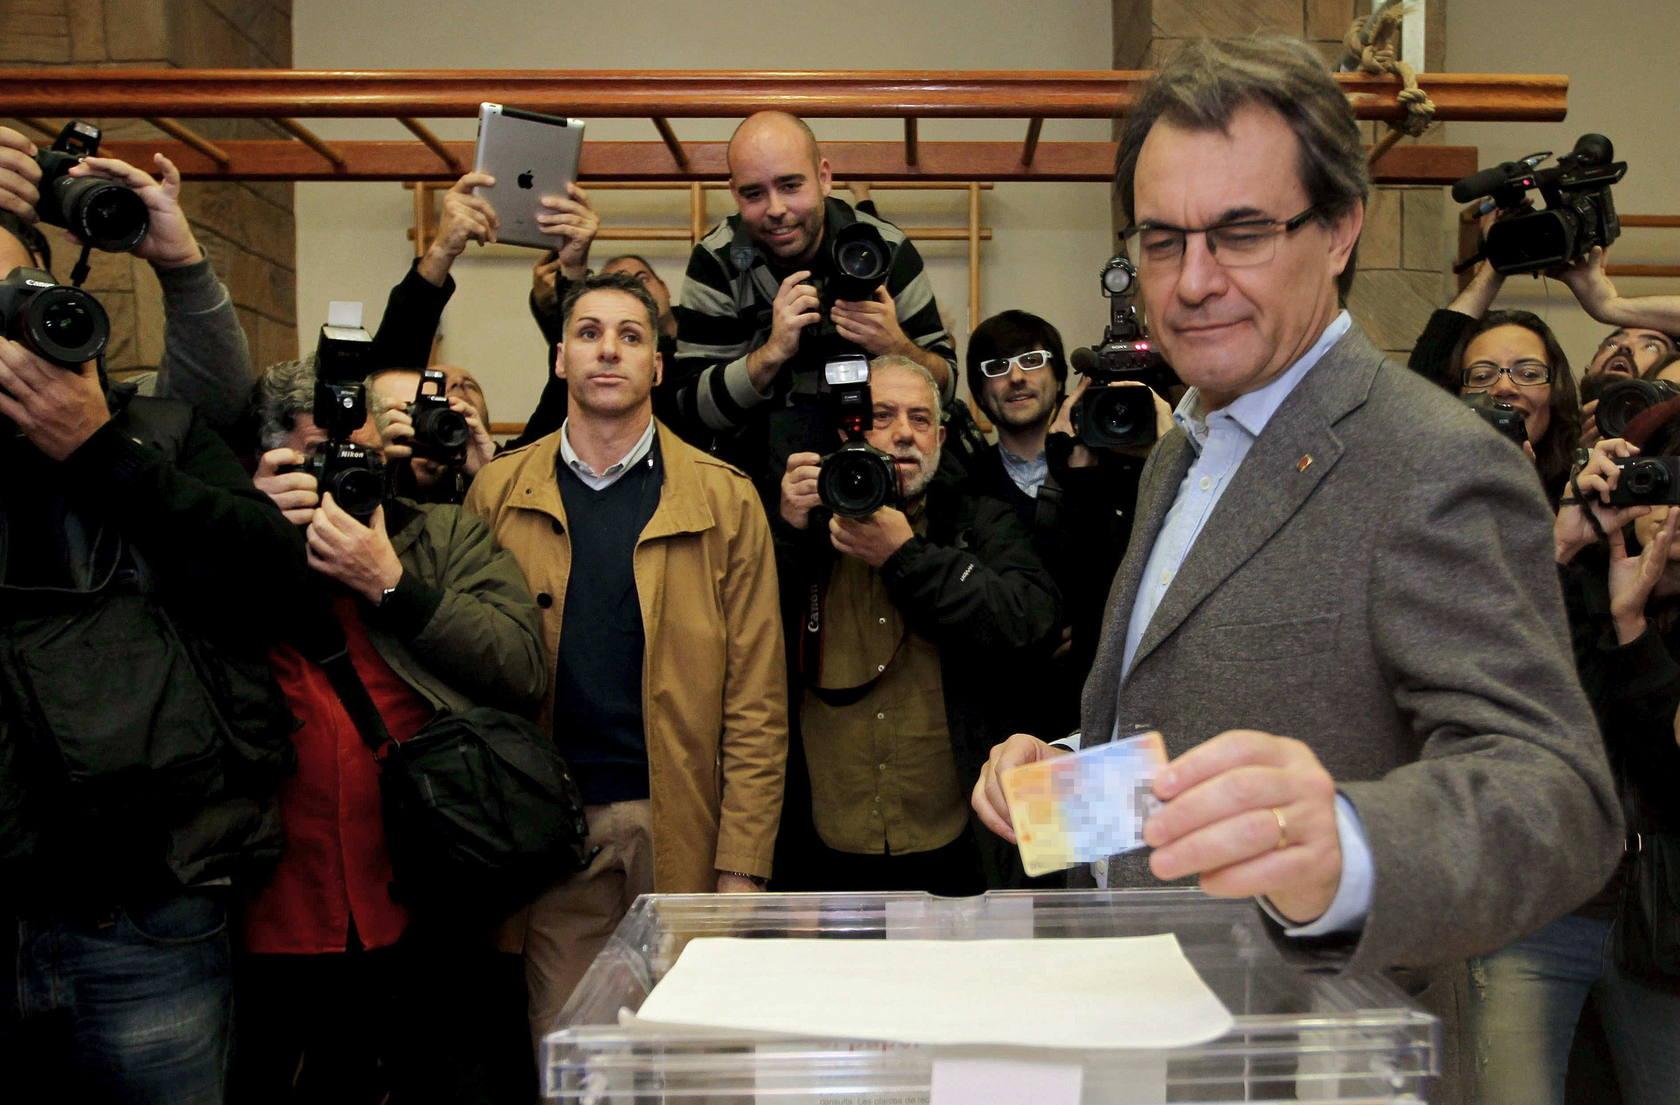 Cataluña se pronuncia sobre el desafío soberanista